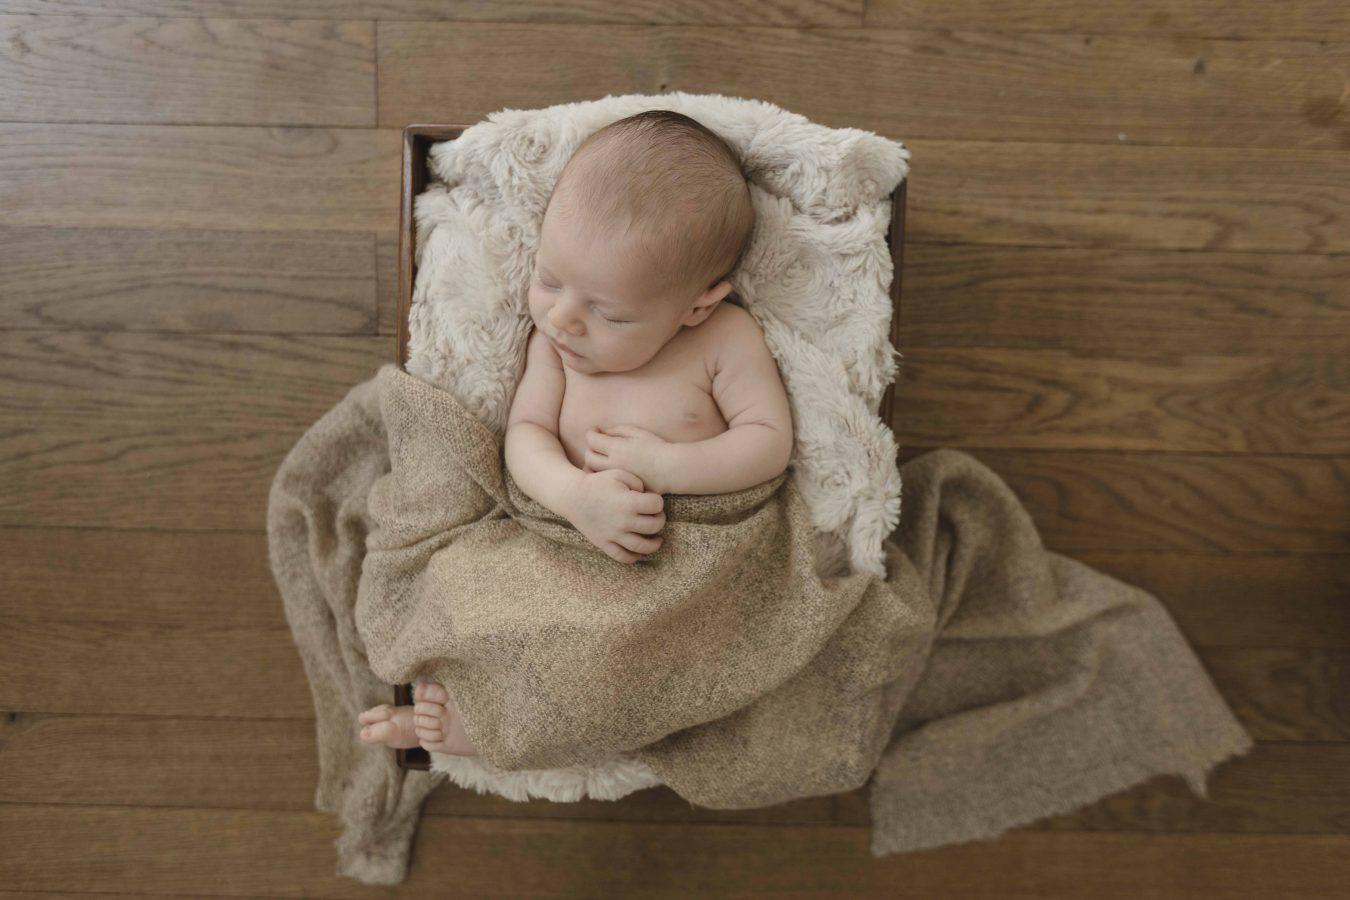 Babyfotografie - kleiner Junge schläft in einer Decke eingekuschelt